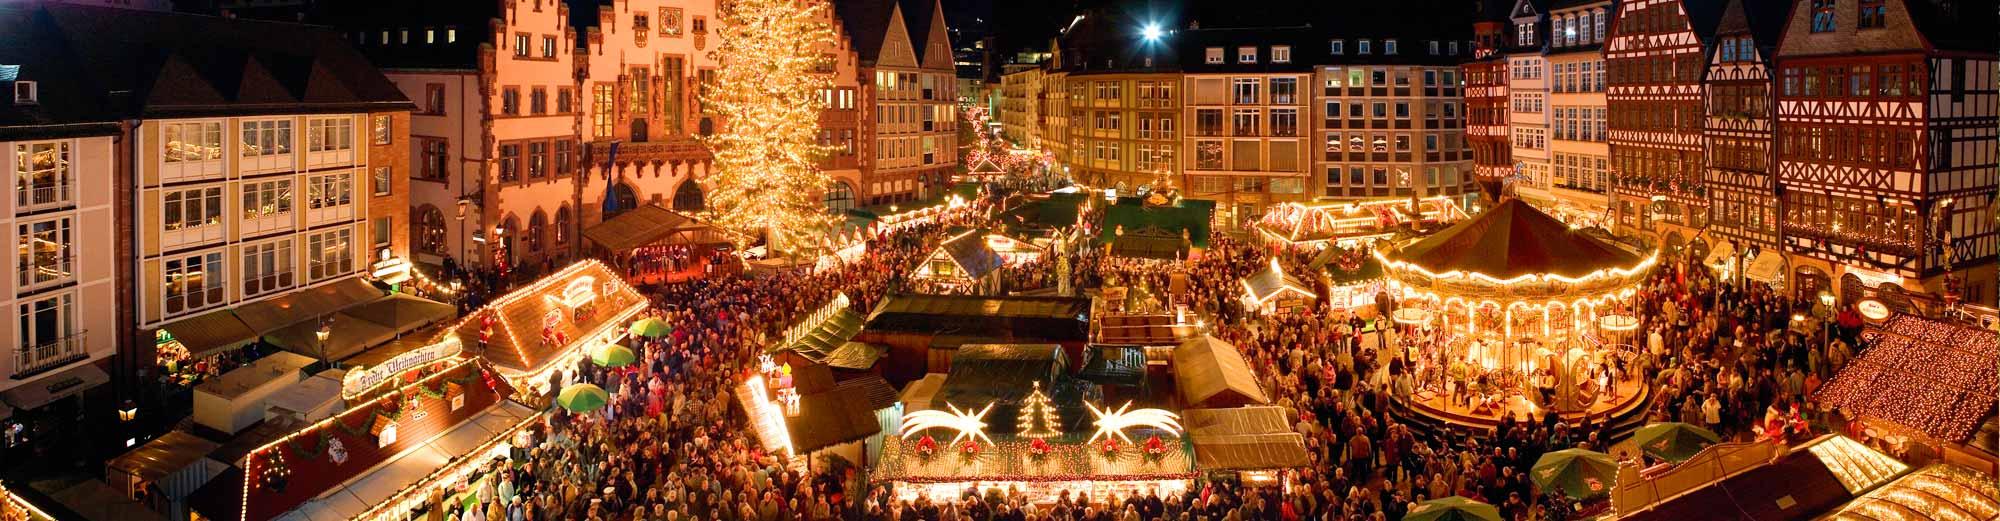 «Волшебное путешествие накануне Рождества» Франция — Швейцария